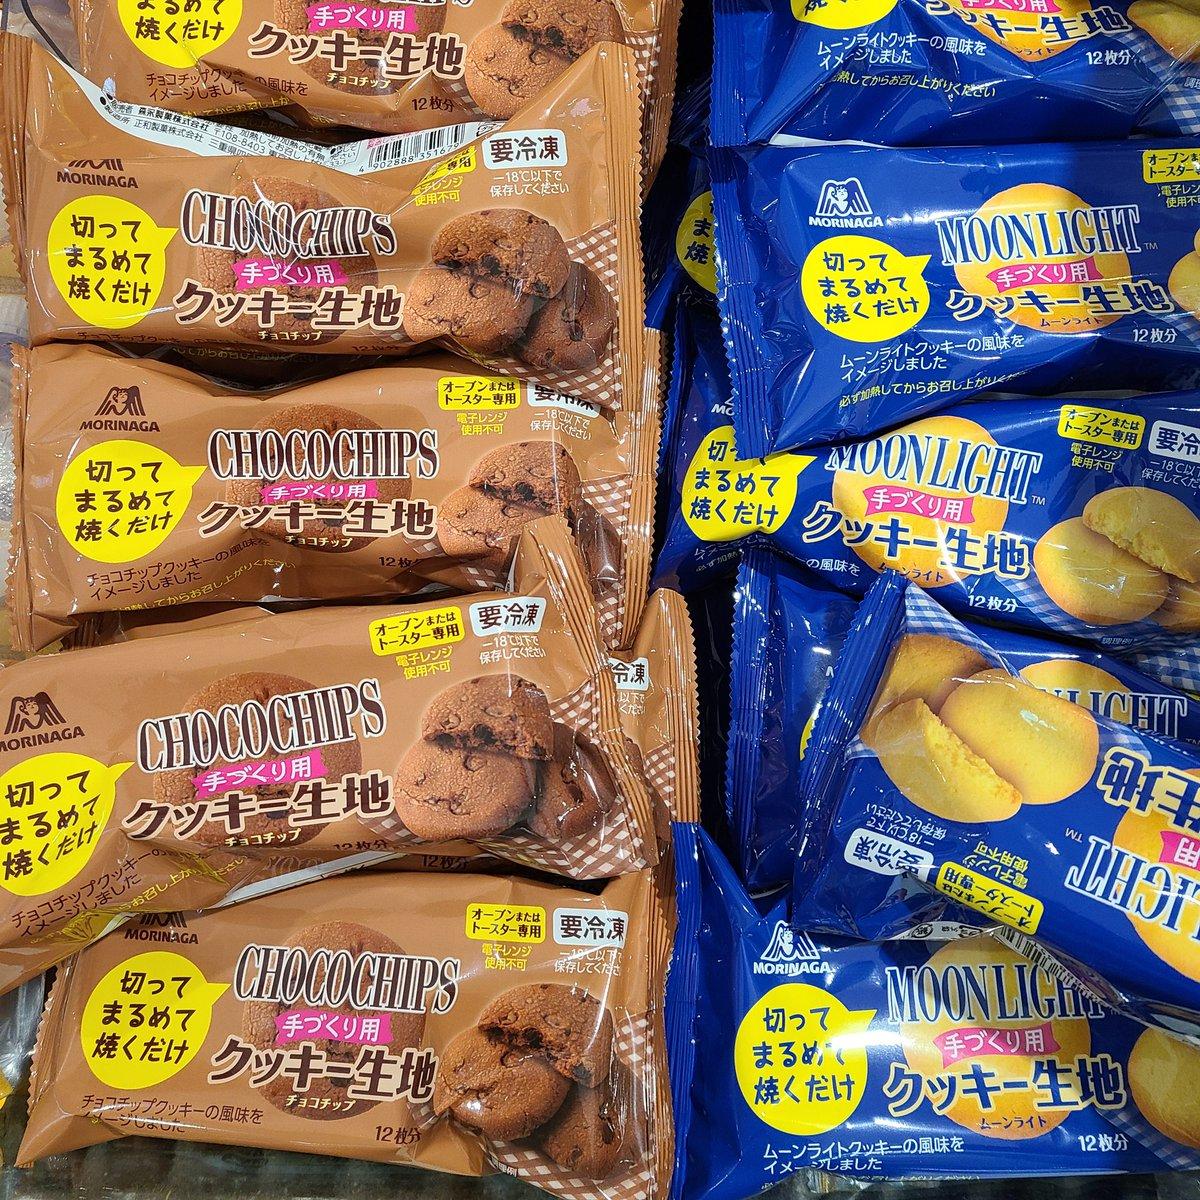 切ってまるめて焼くだけ!?簡単にクッキーが手作りできるクッキー生地!